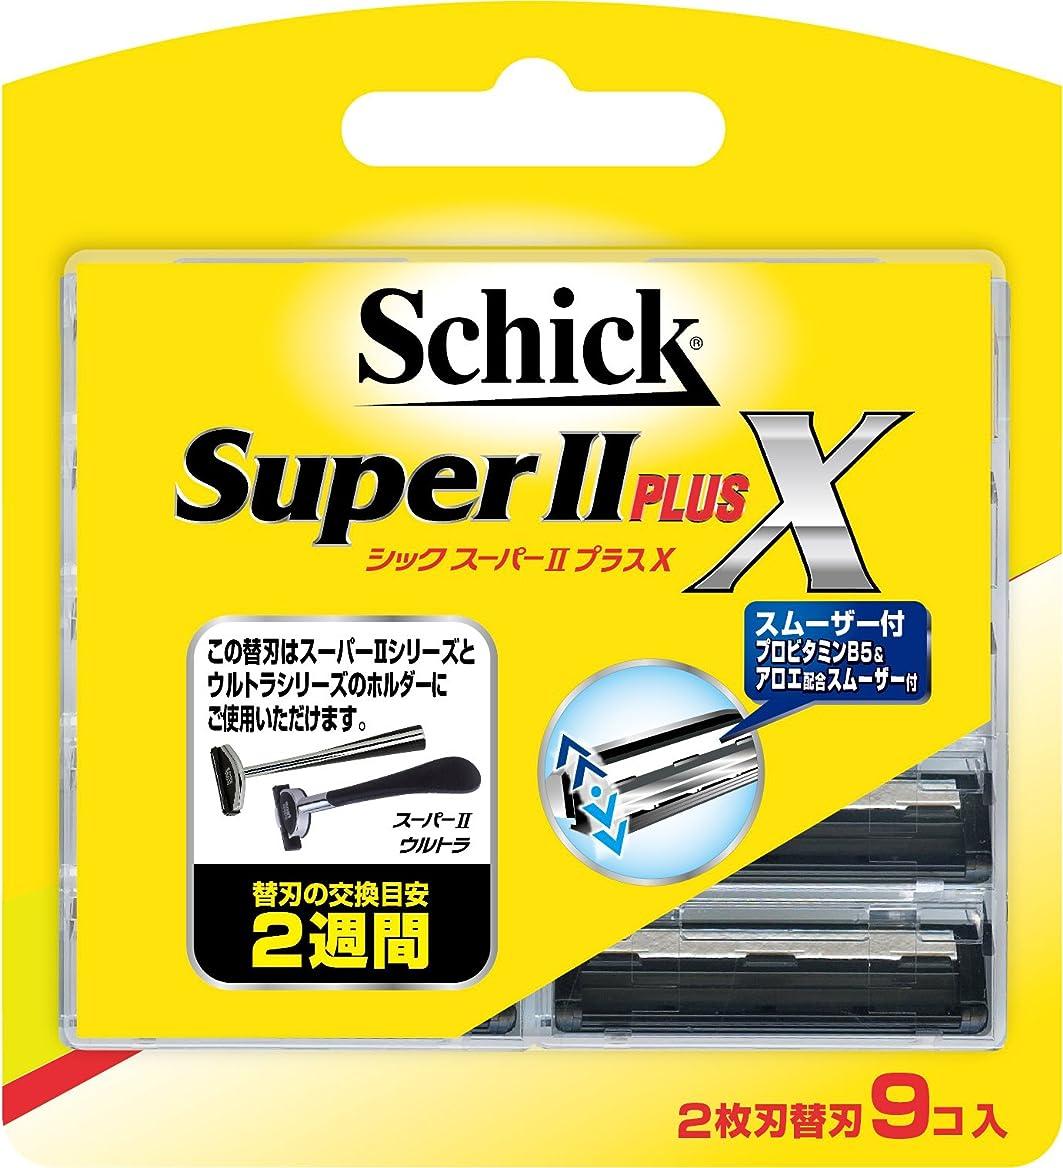 解明思い出不適切なシック スーパーII プラスX 替刃 9コ入